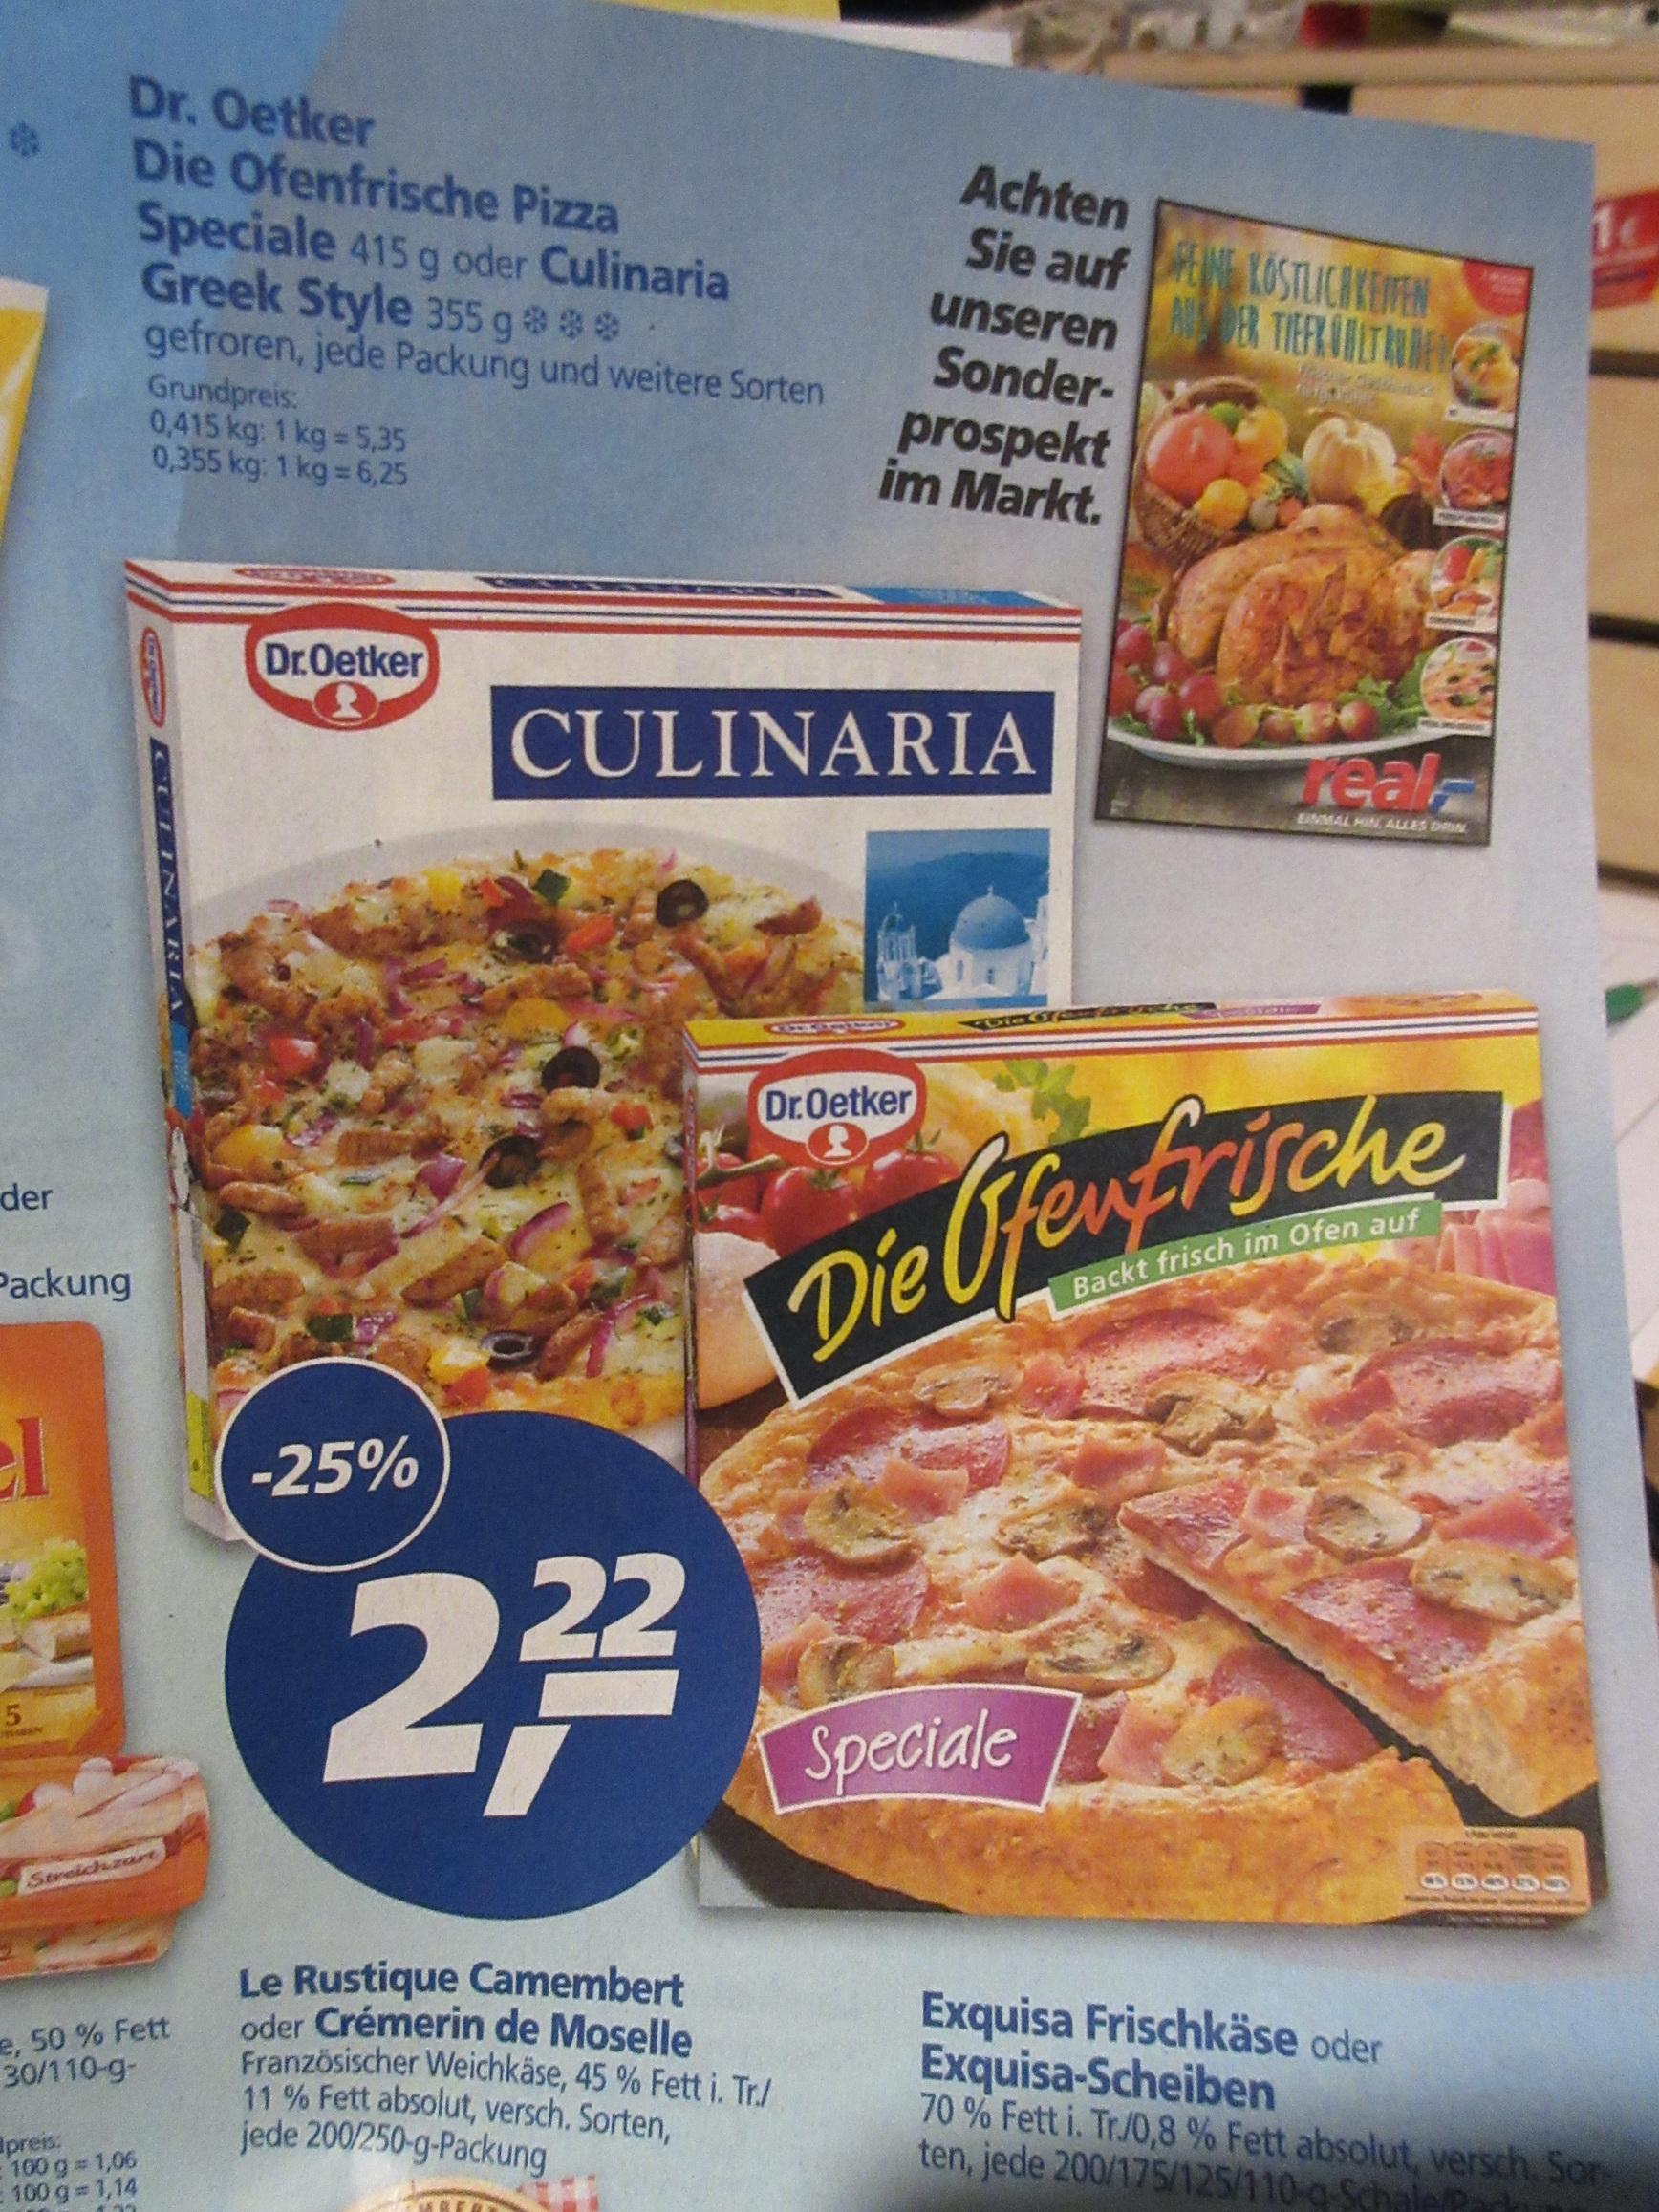 REAL - Dr. Oetker . Die Ofenfrische Pizza mit Gutschein für 1,82 Euro